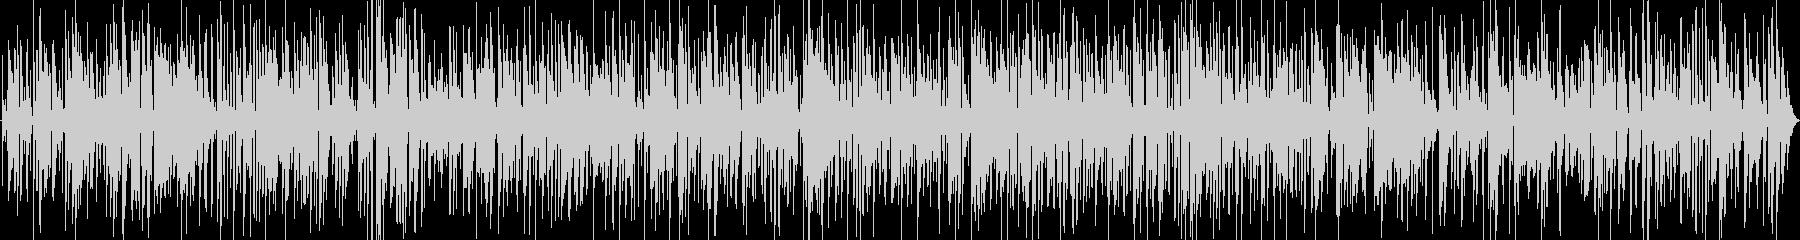 アダルトで大人なジャズバーのサックスの未再生の波形